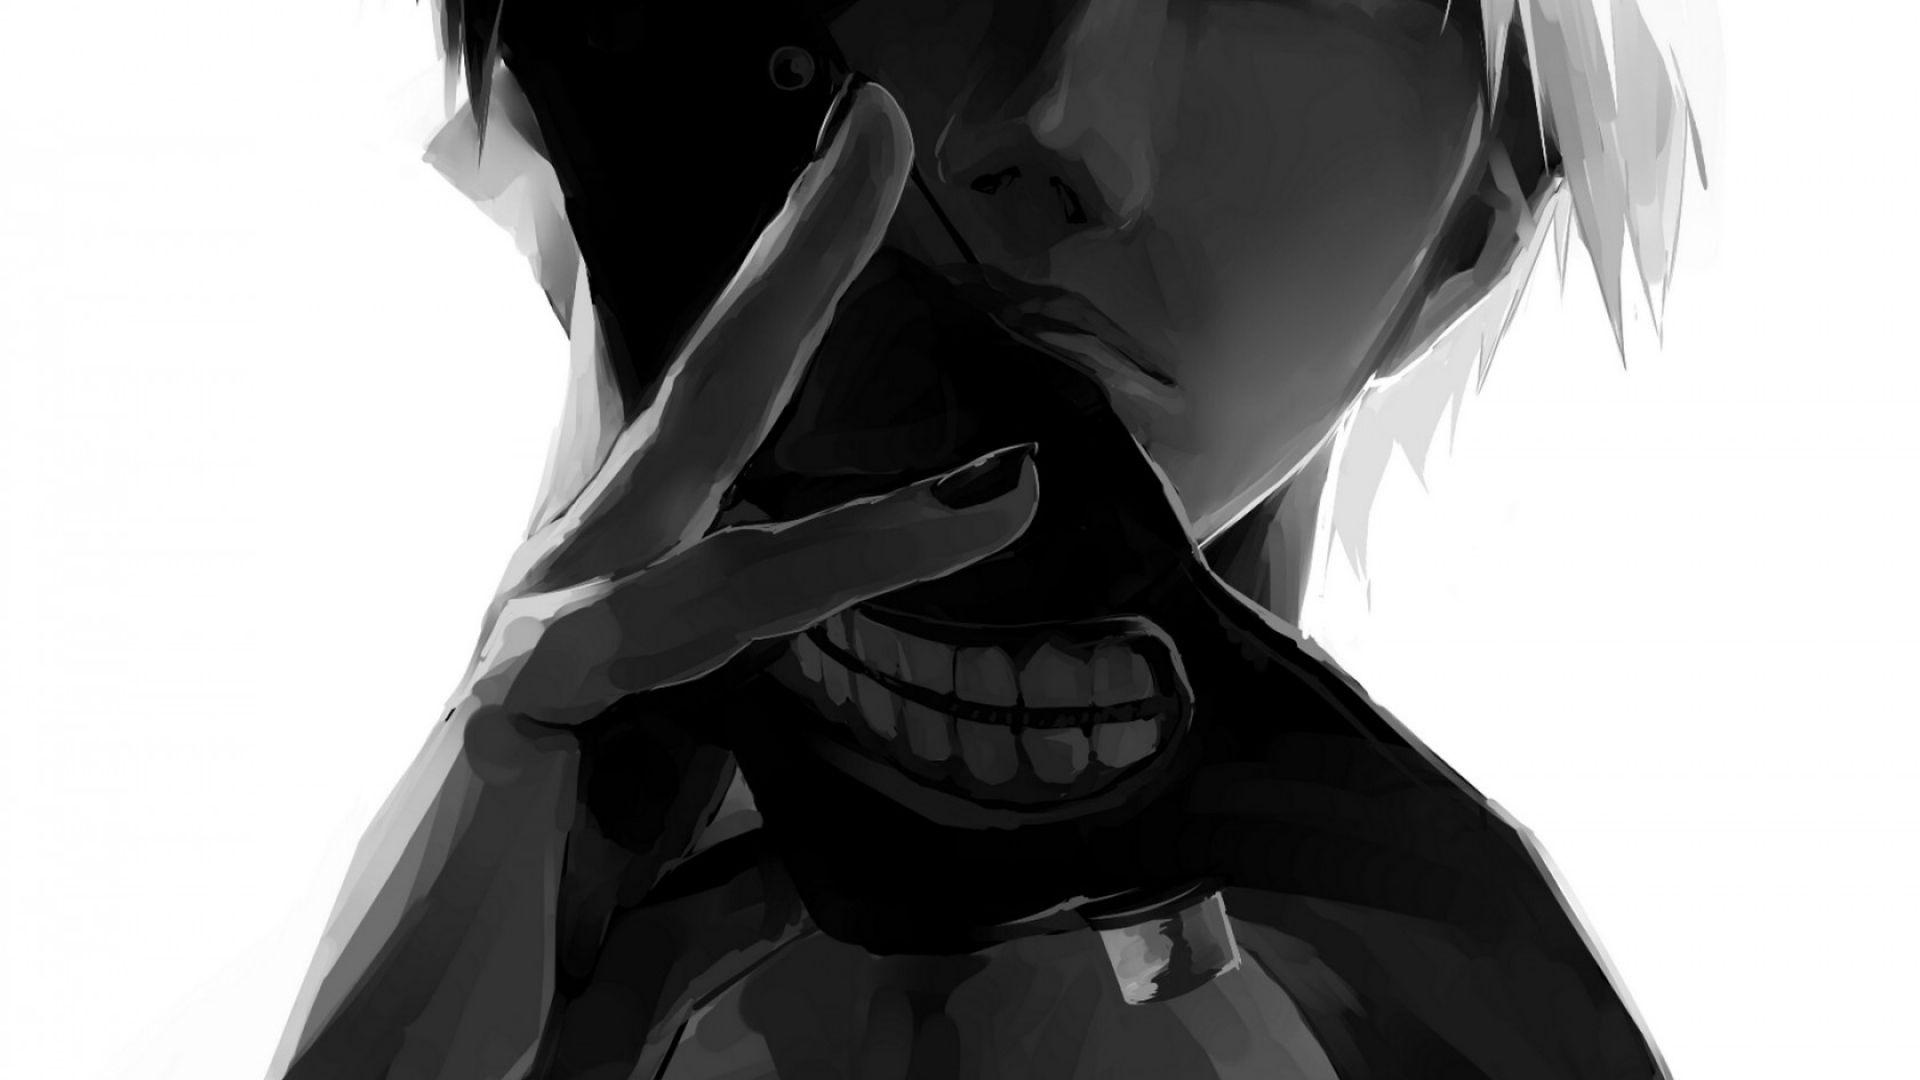 Download Wallpaper 1920x1080 Tokyo Ghoul Kaneki Ken Man Mask Full